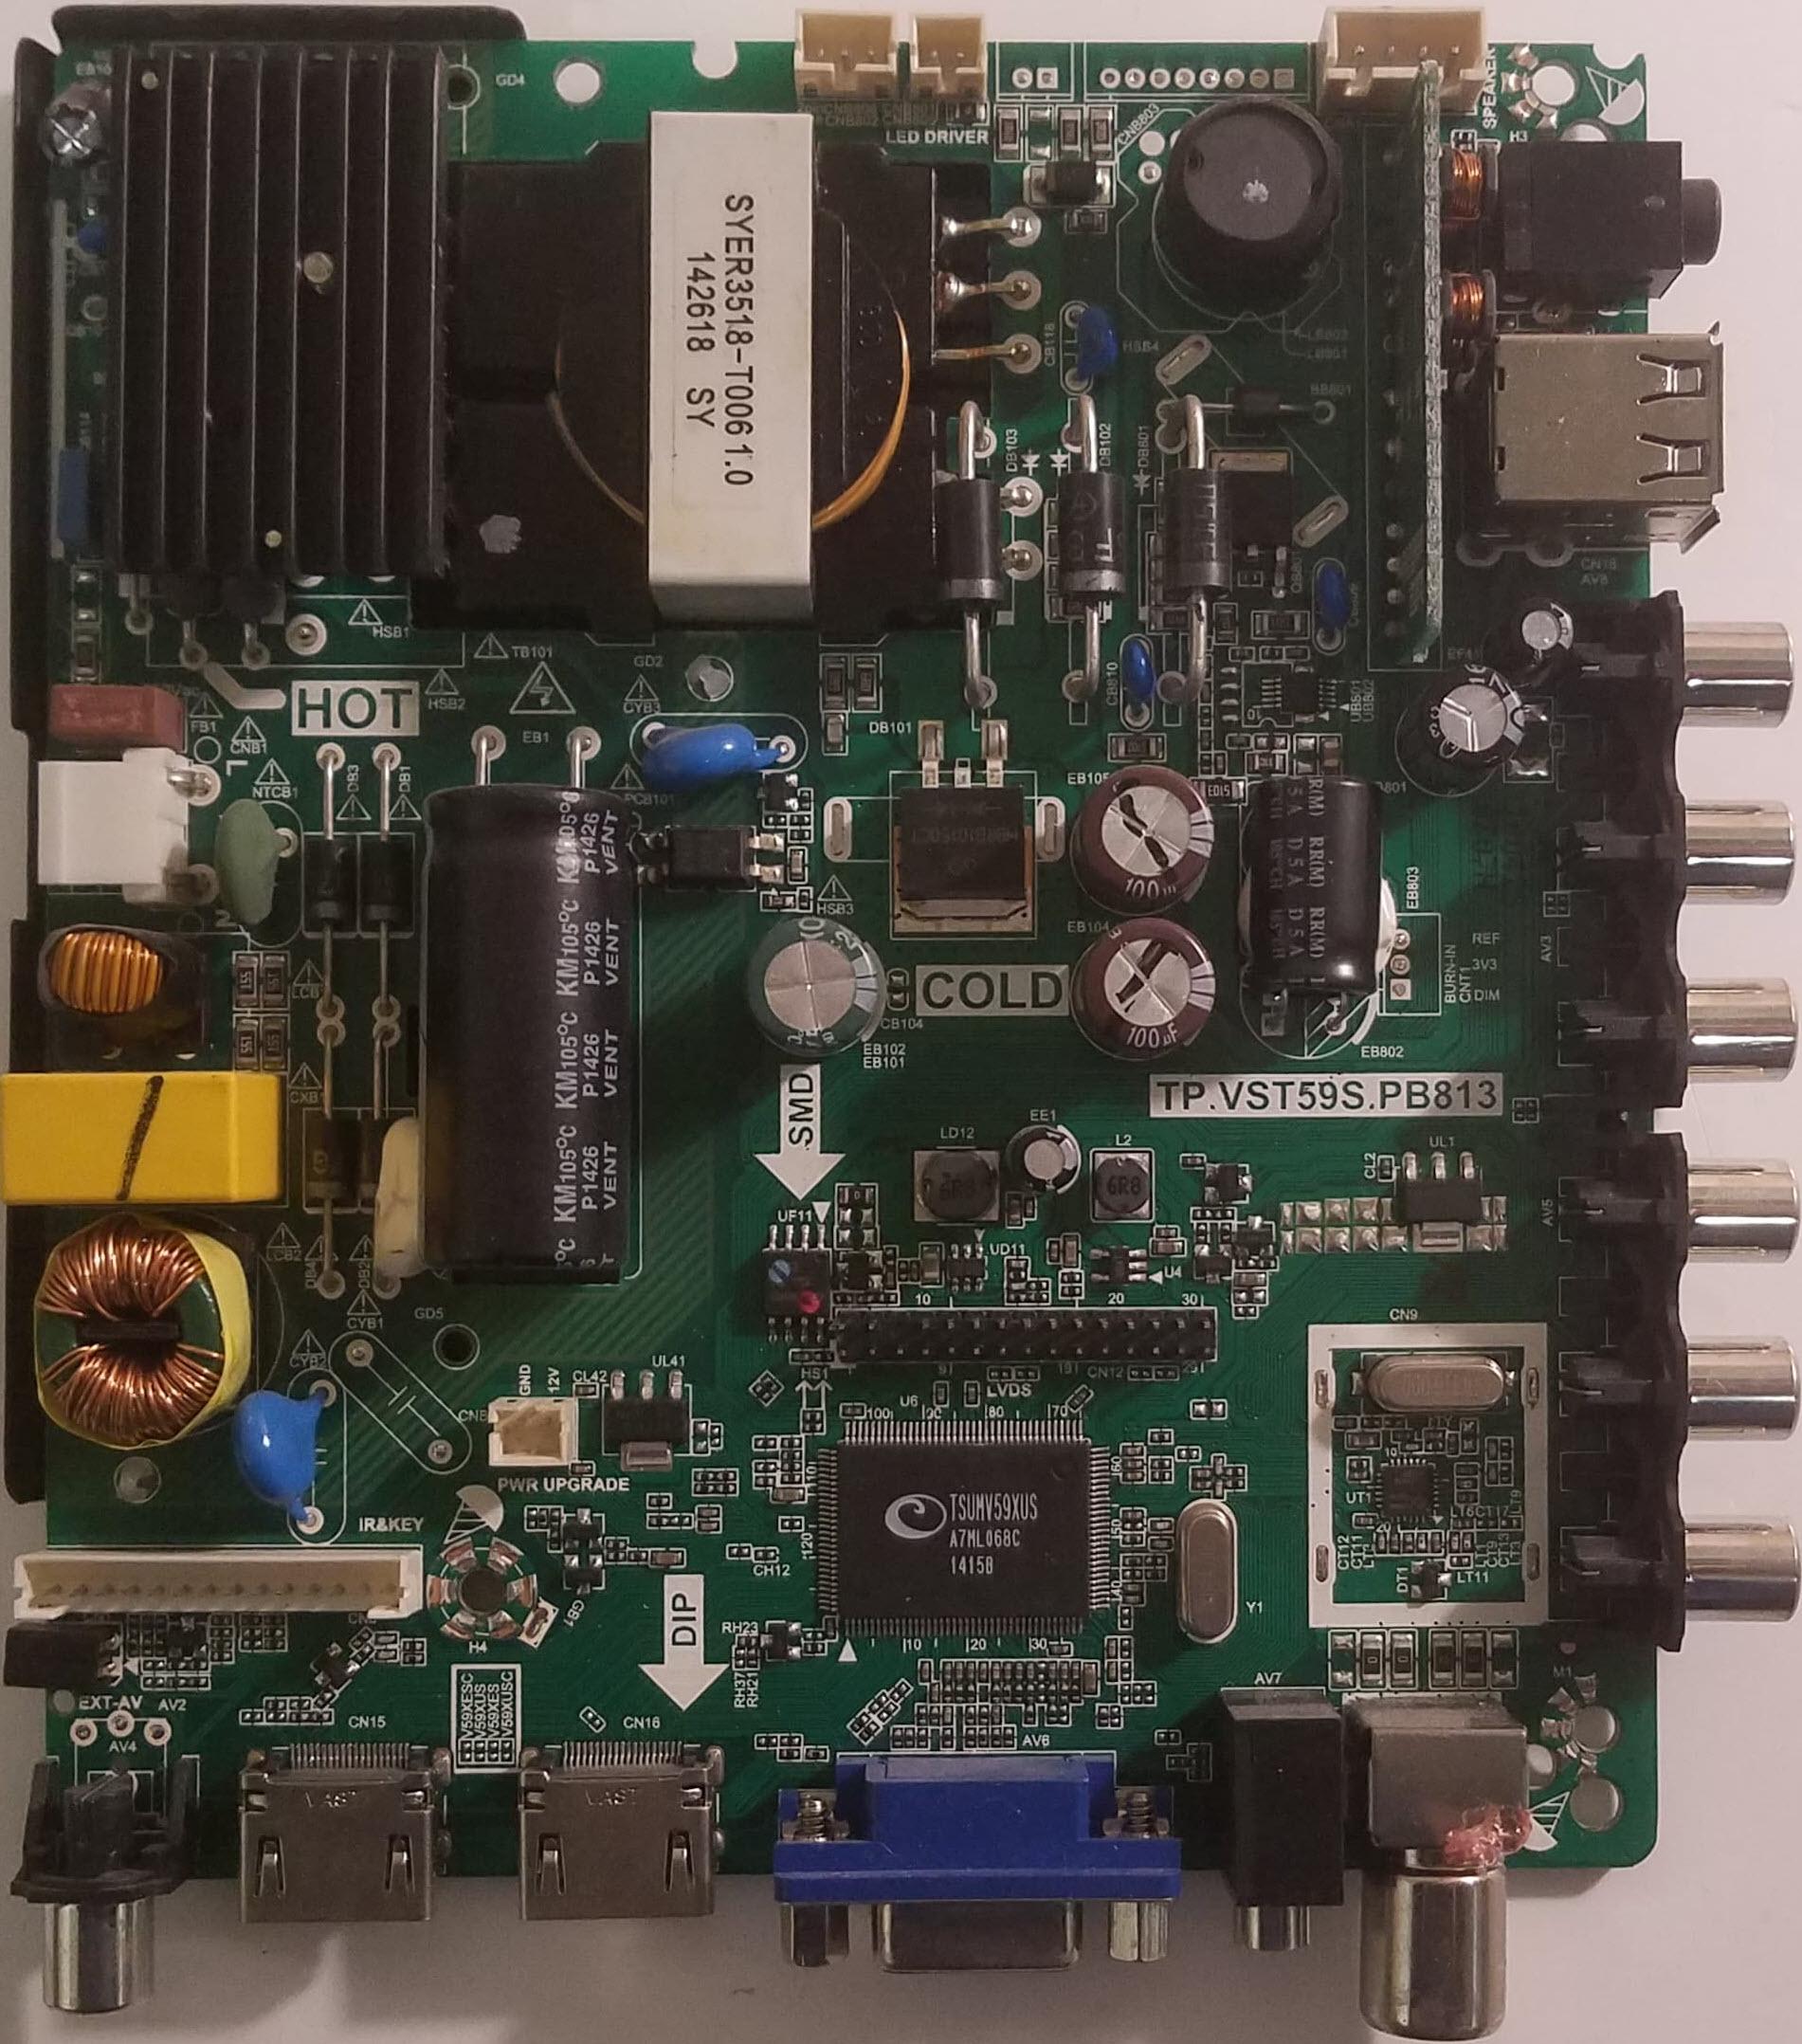 Mip260b rev 1.8 схема